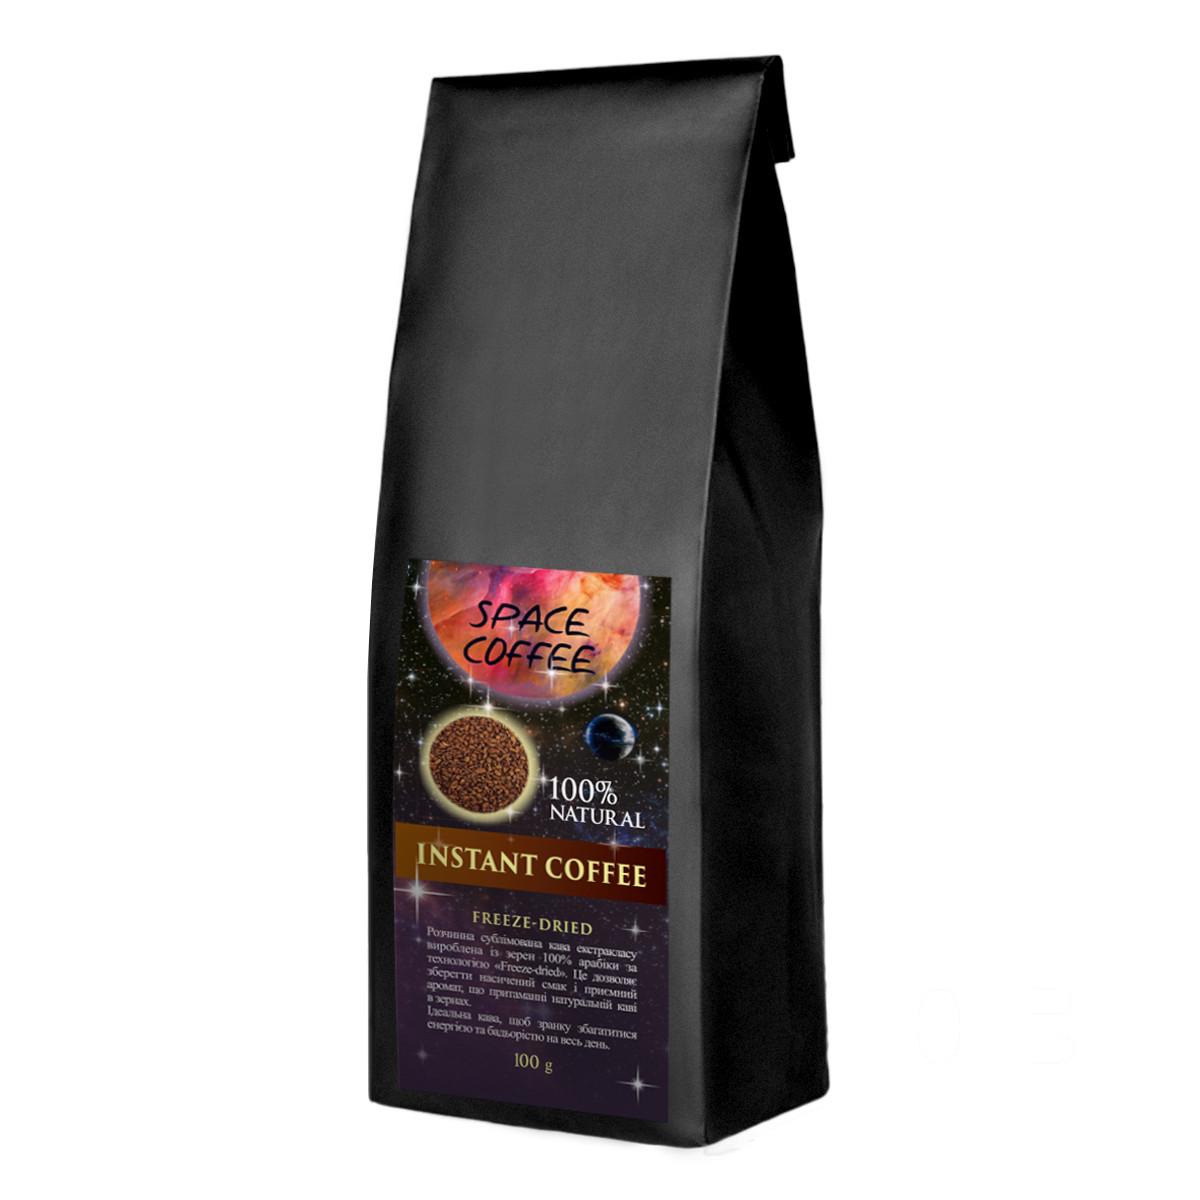 Бразильська розчинна кава Space Coffee 100% арабіка сублімована 100 грамів